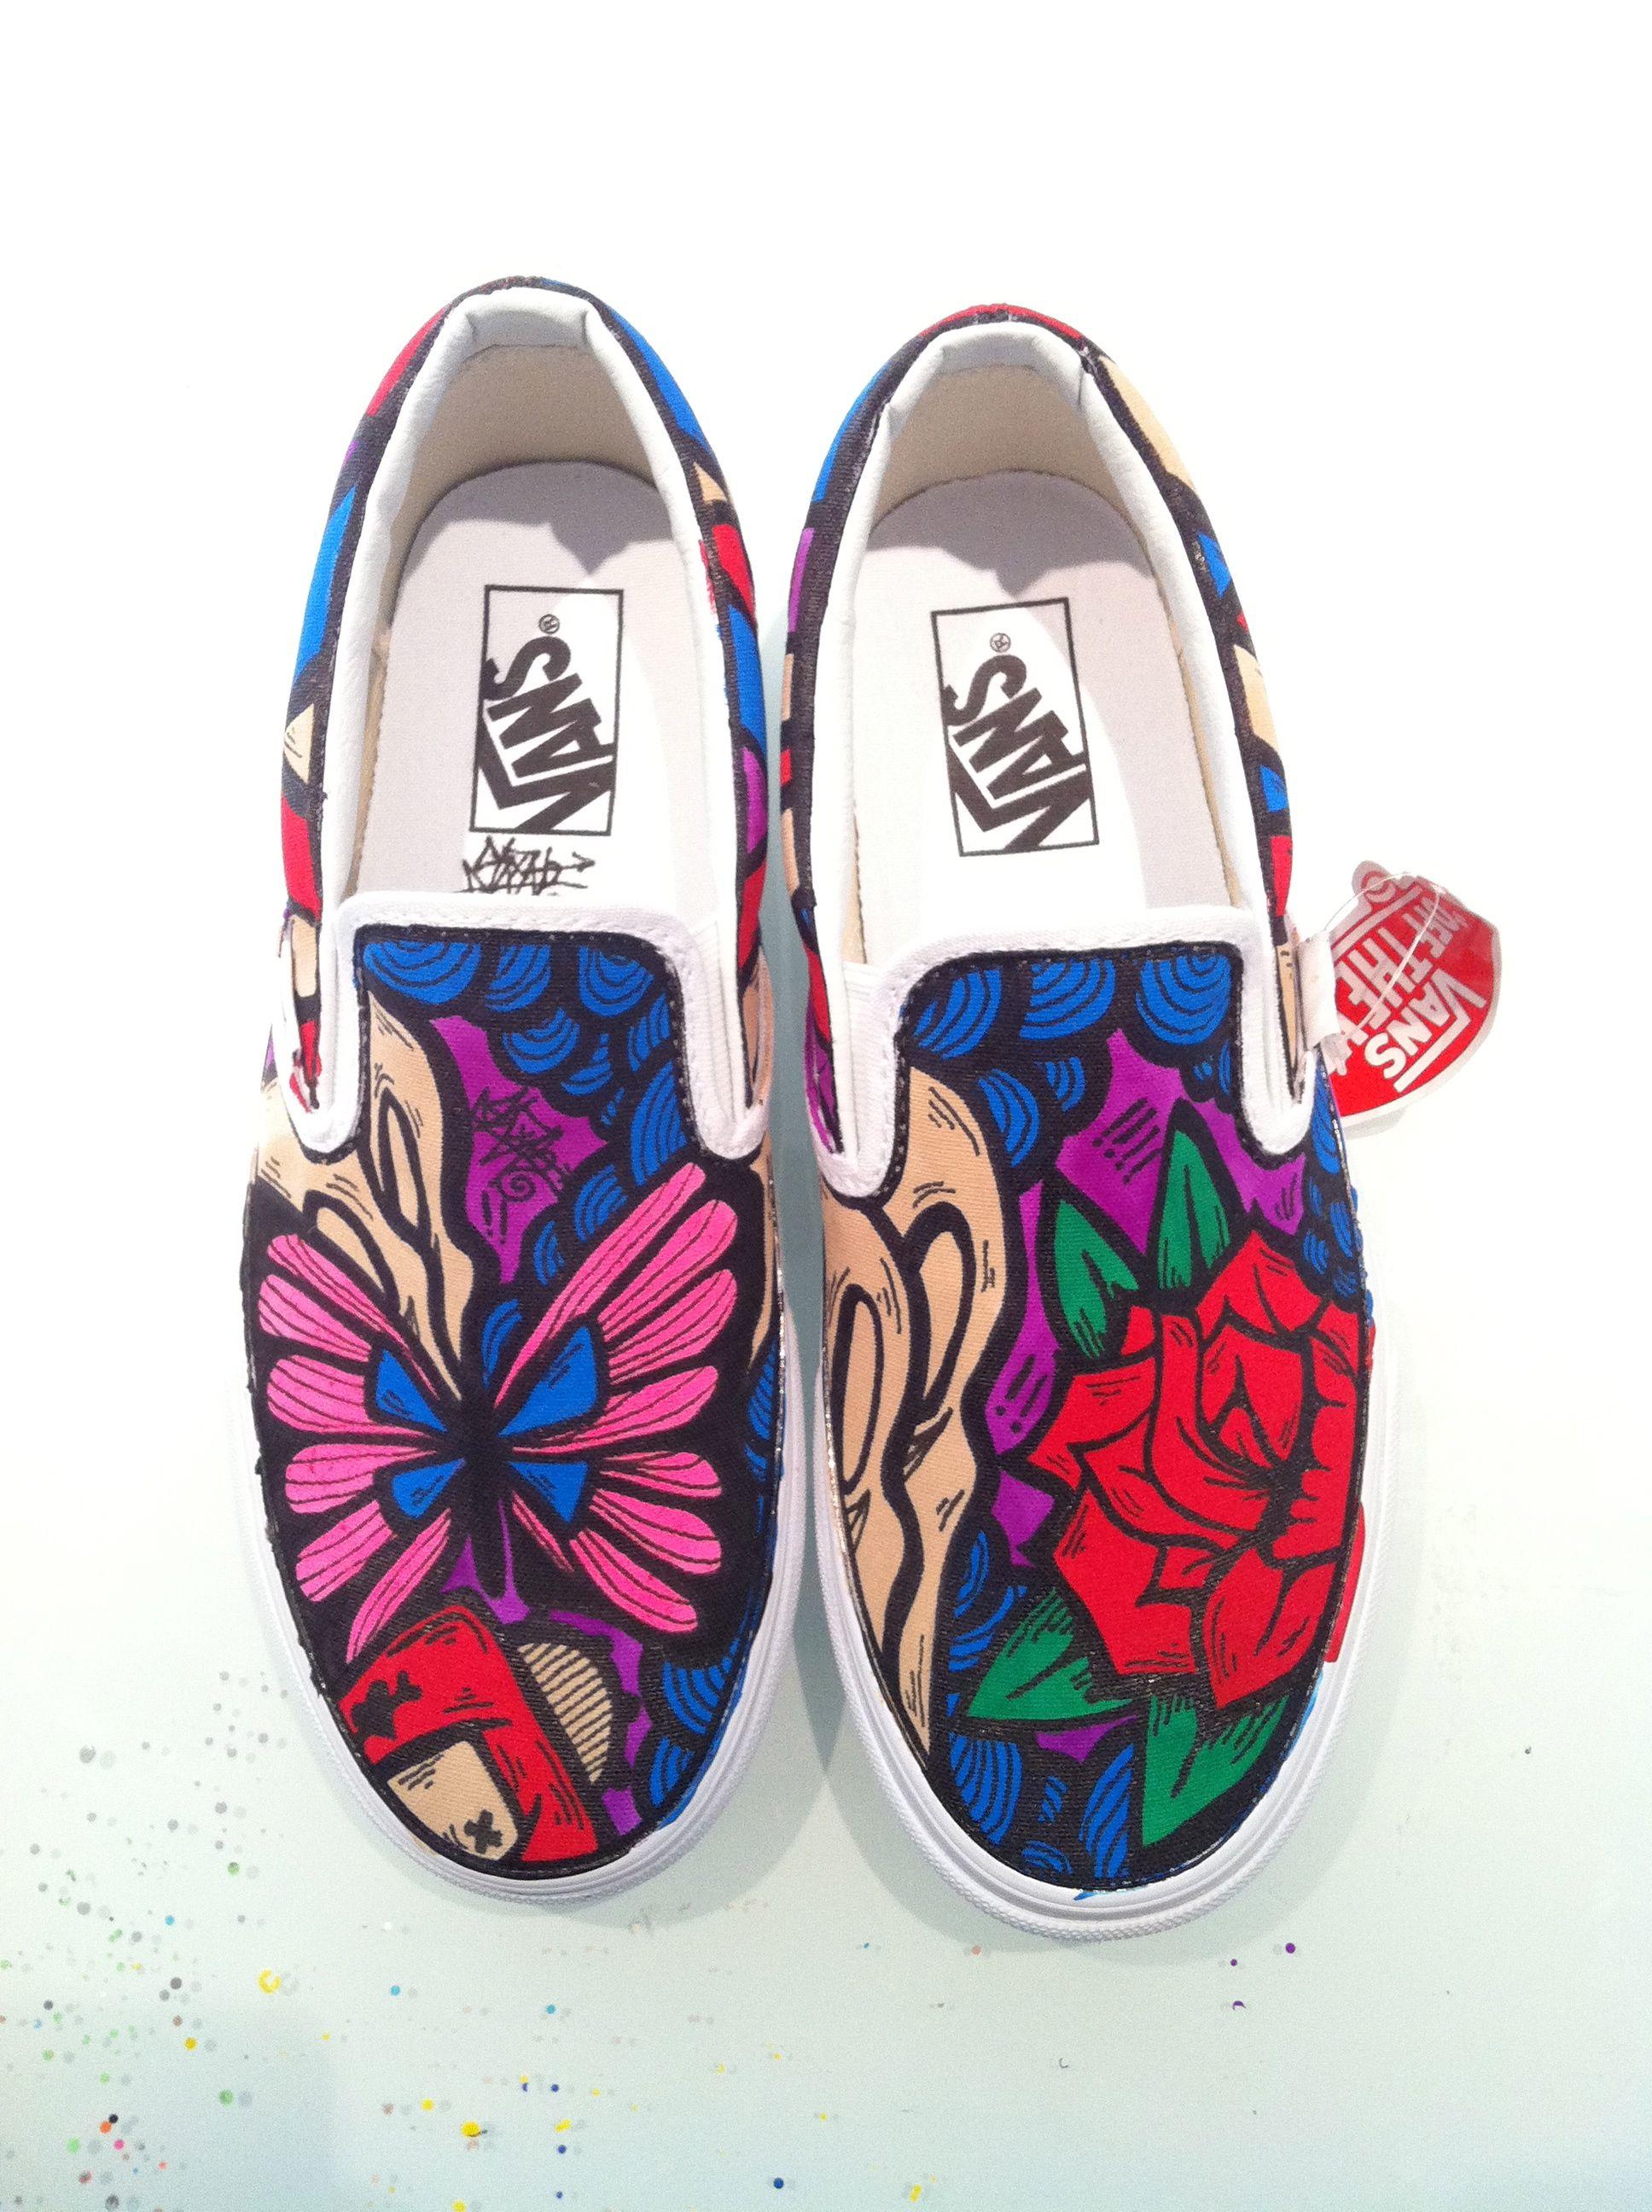 Custom Girl SLOTH Vans only at iamsloth.com order  af9122a55c49e